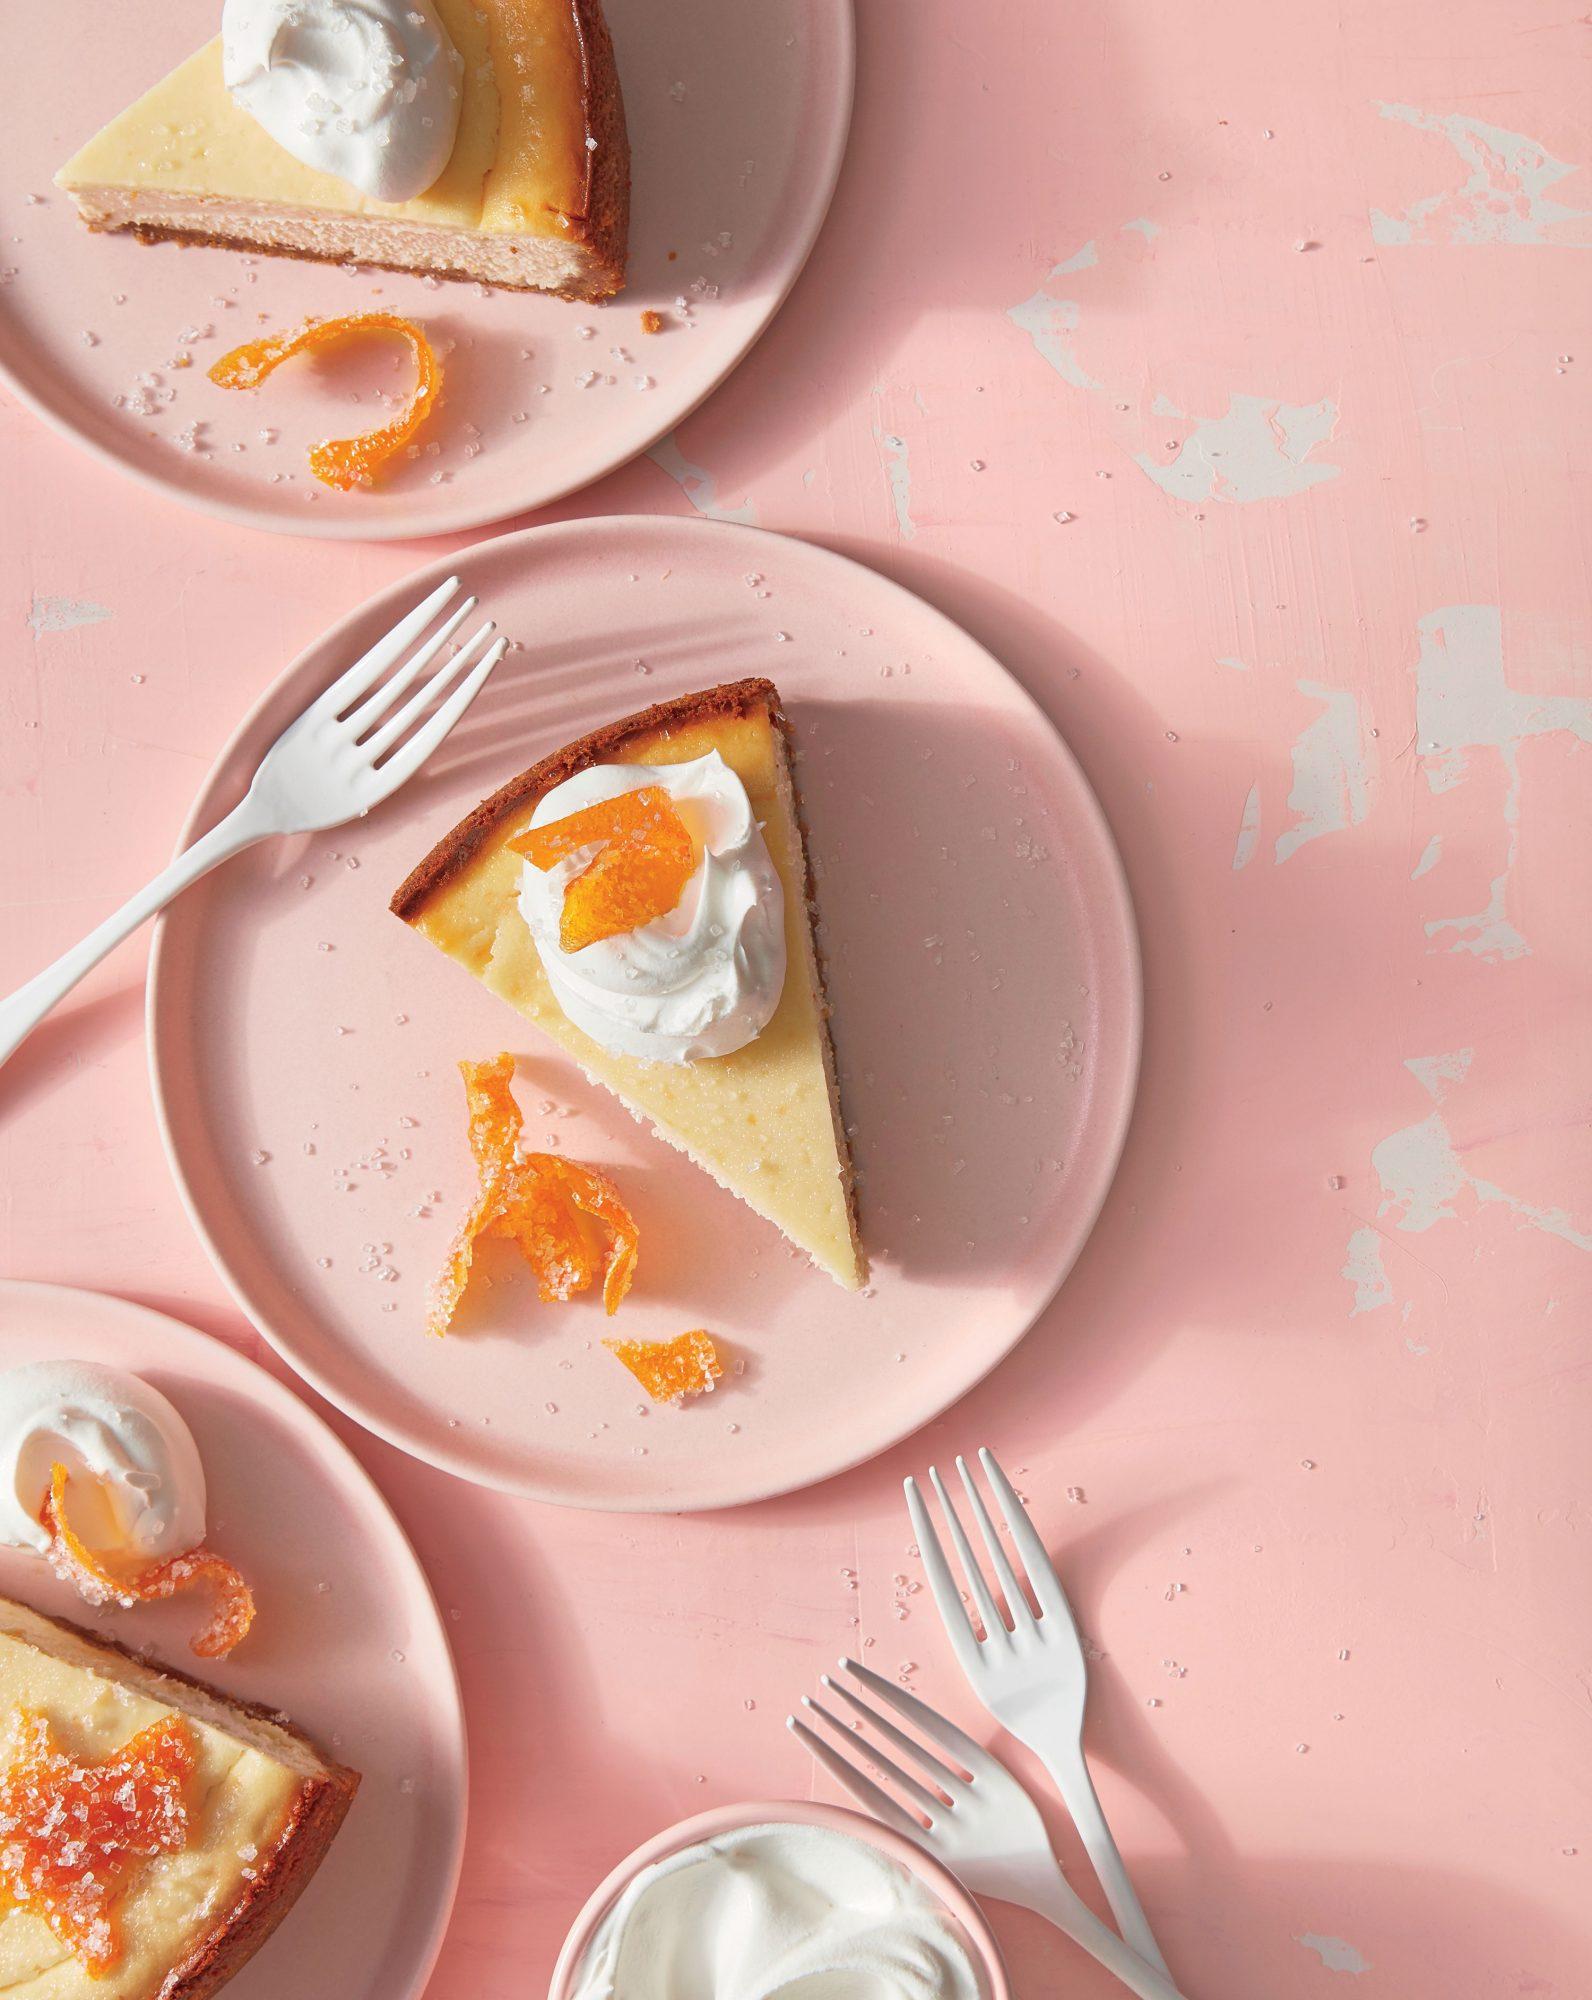 Gingered-Grapefruit Cheesecake